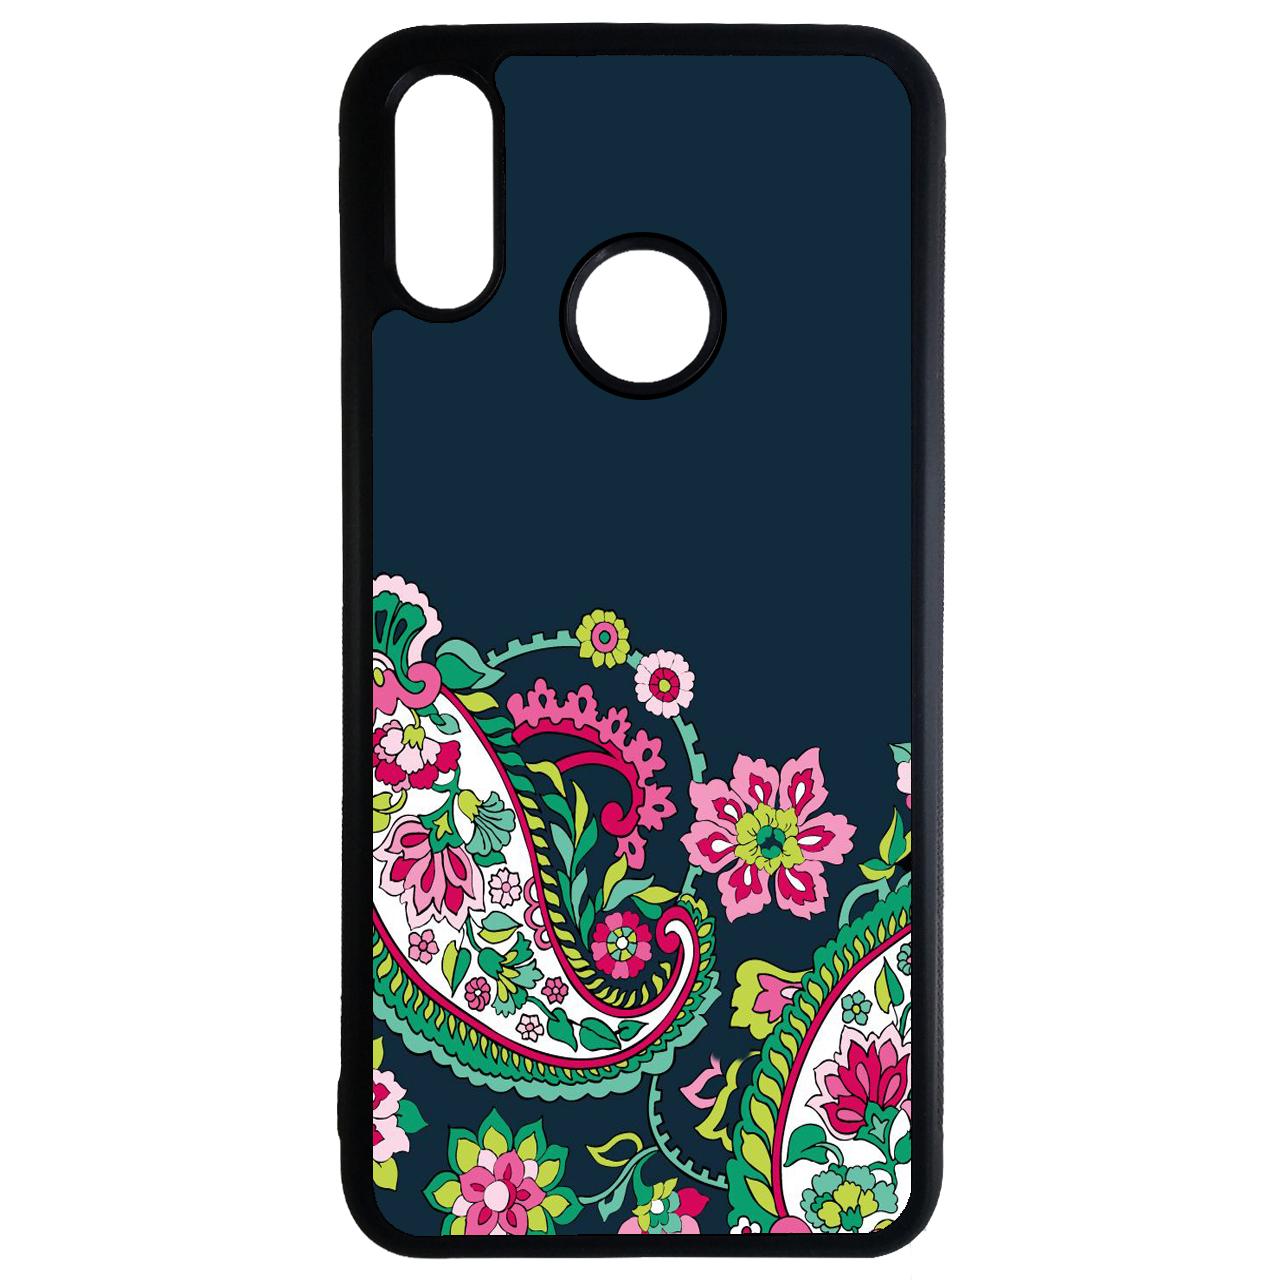 کاور طرح گل و بوته کد 11050647 مناسب برای گوشی موبایل هوآوی y7 2019